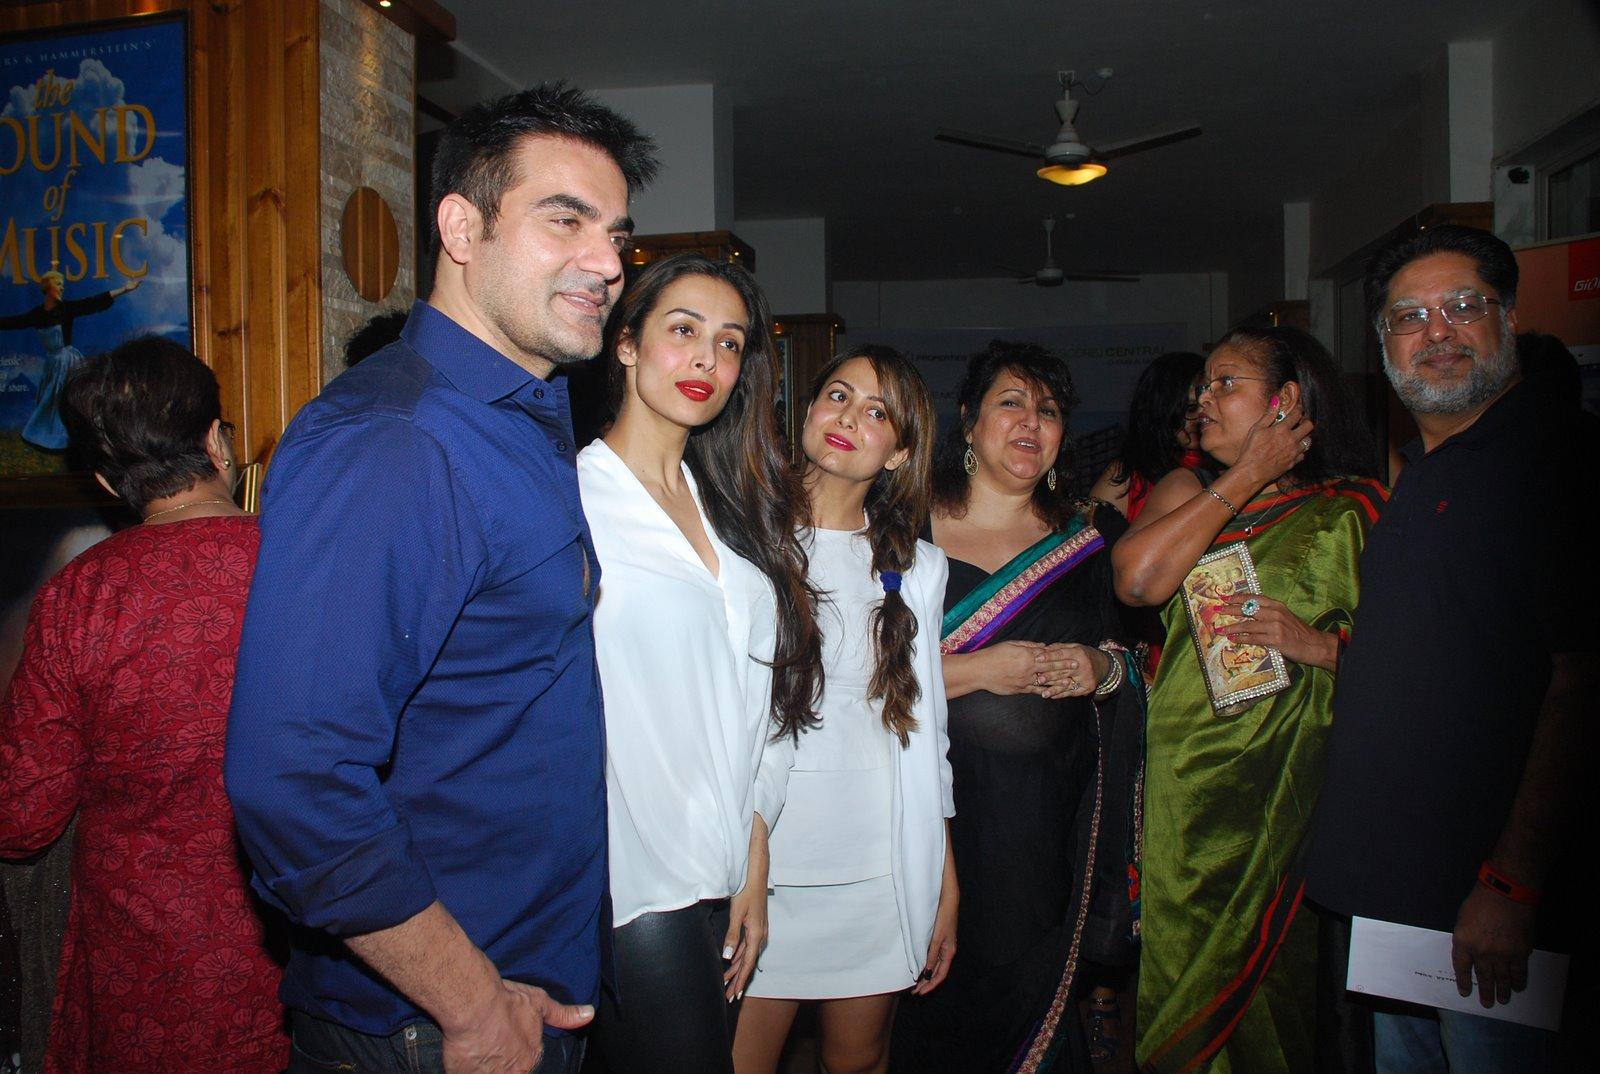 virat and anushka dating after divorce